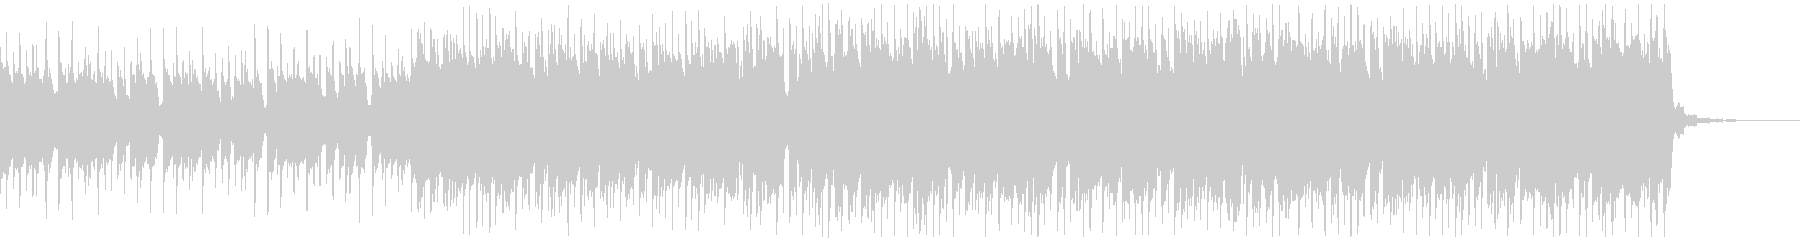 Piano House 3の未再生の波形